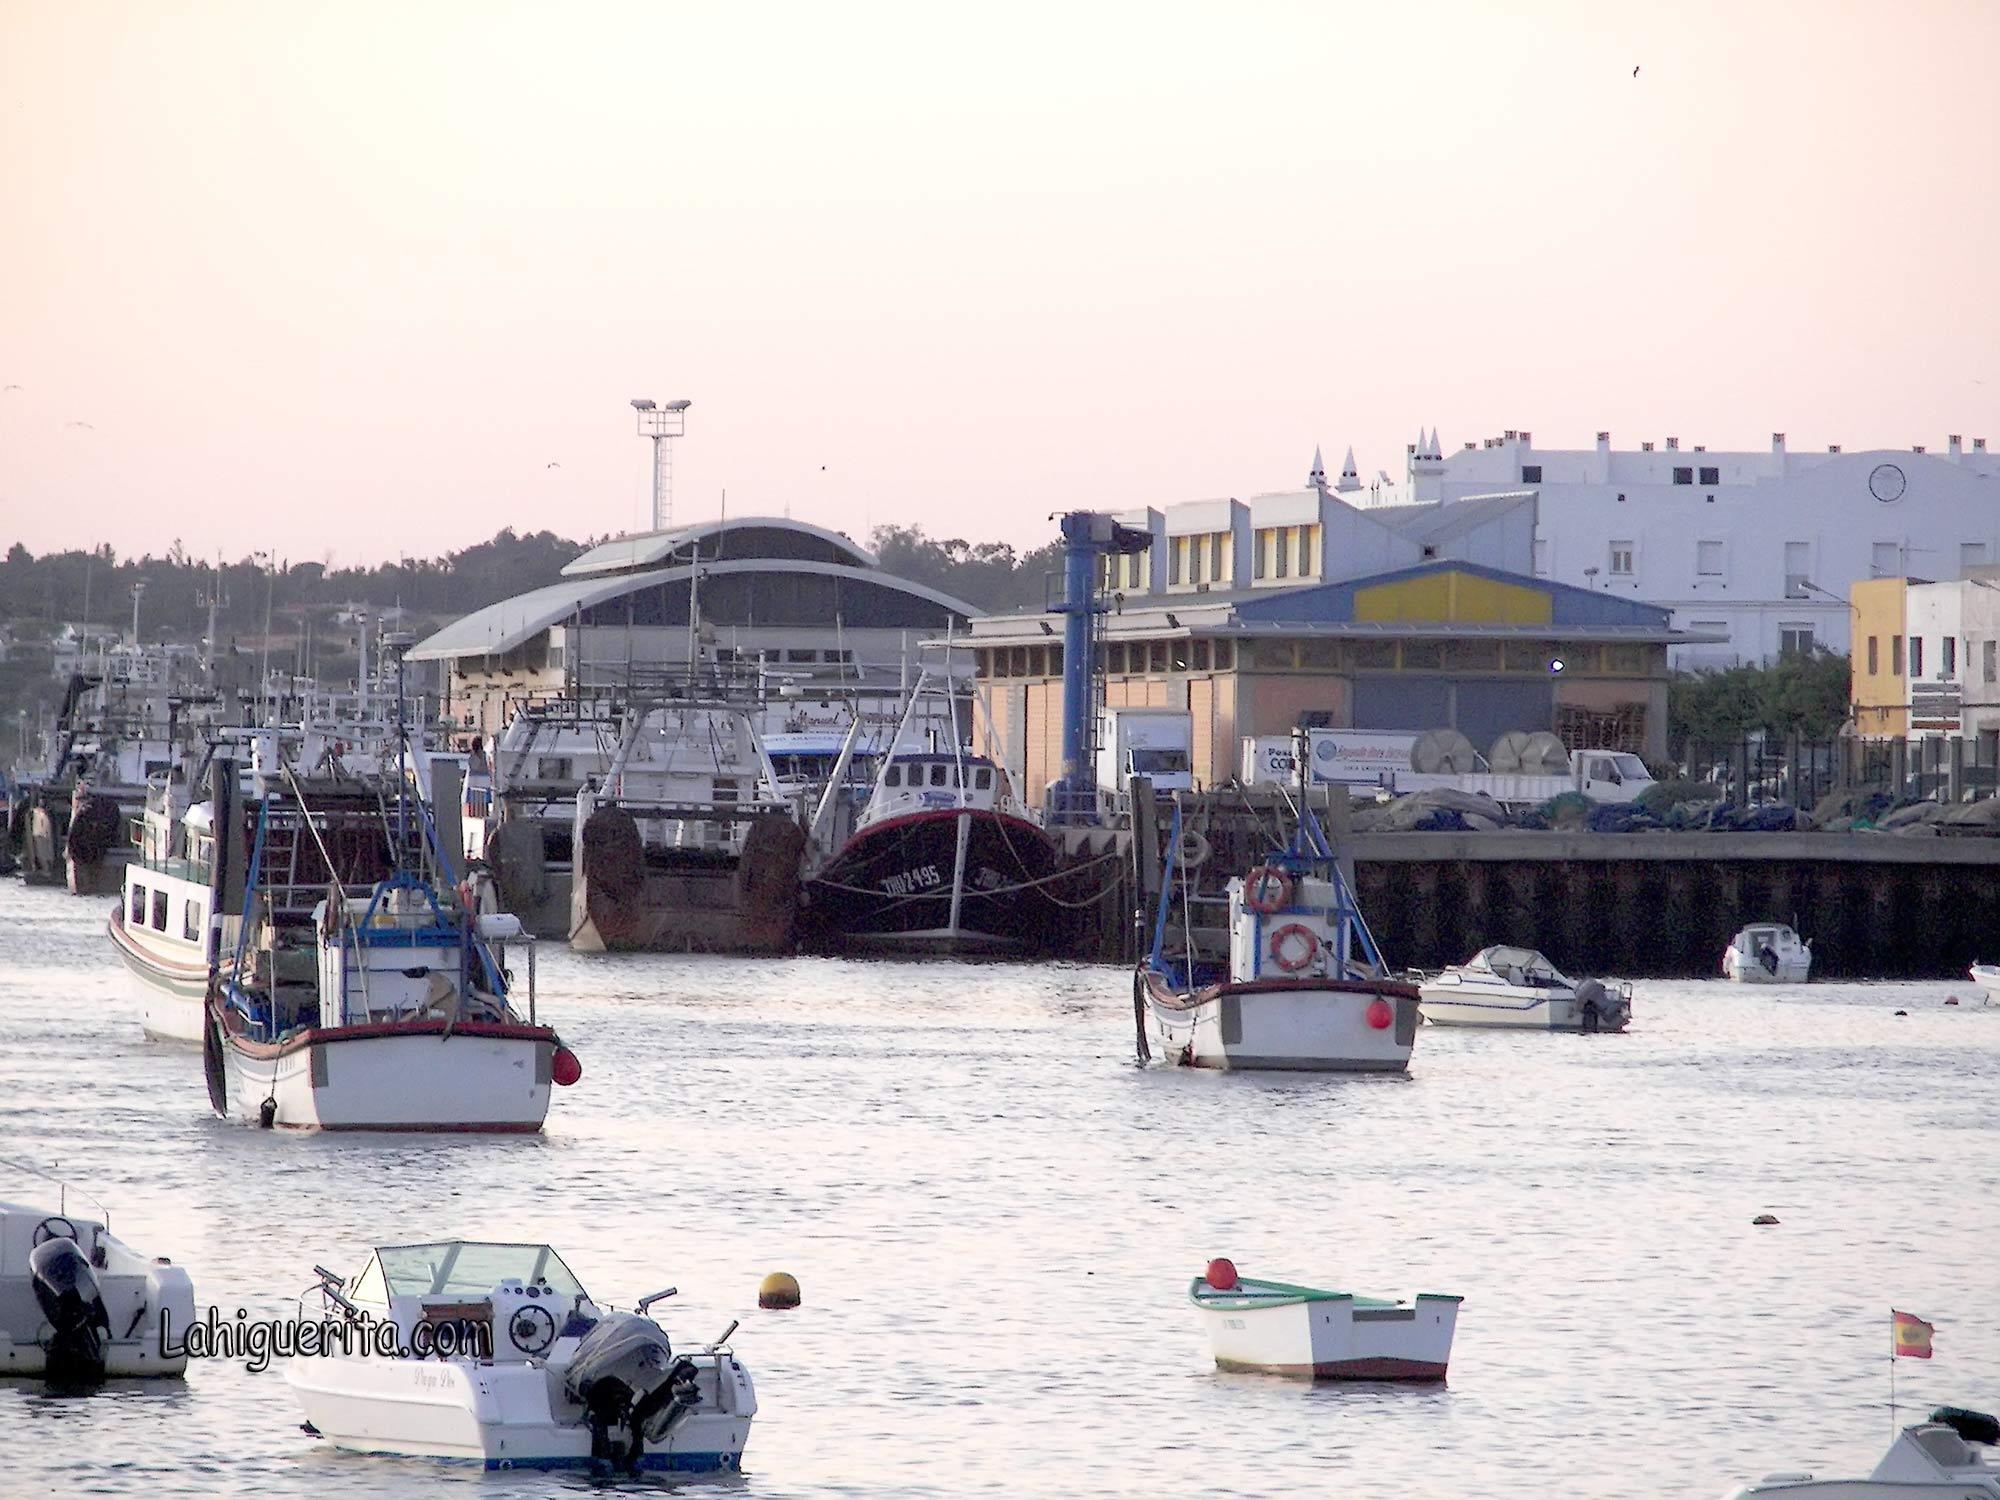 El MAPAMA convoca ayudas para la paralización definitiva de la actividad pesquera por valor de 10 millones de euros